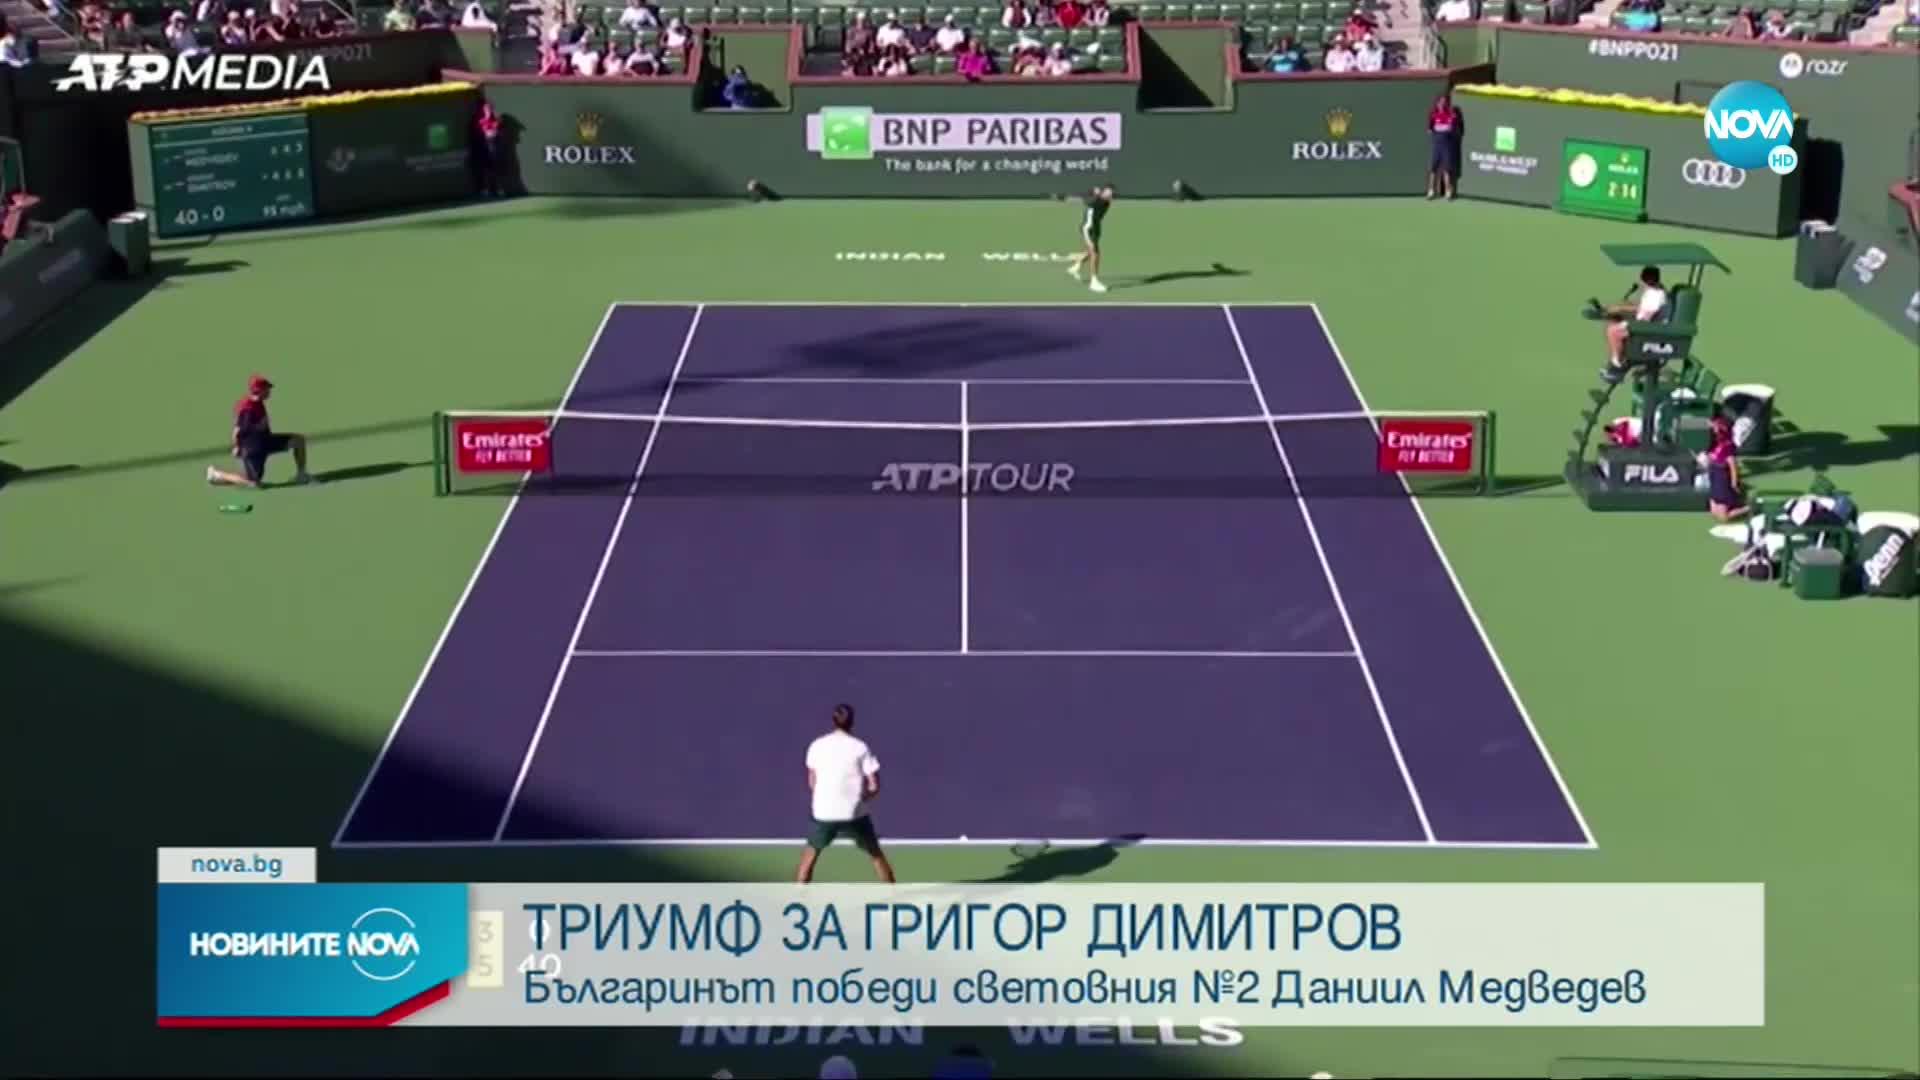 Григор Димитров с впечатляваща победа над Даниил Медведев (ВИДЕО+СНИМКИ)